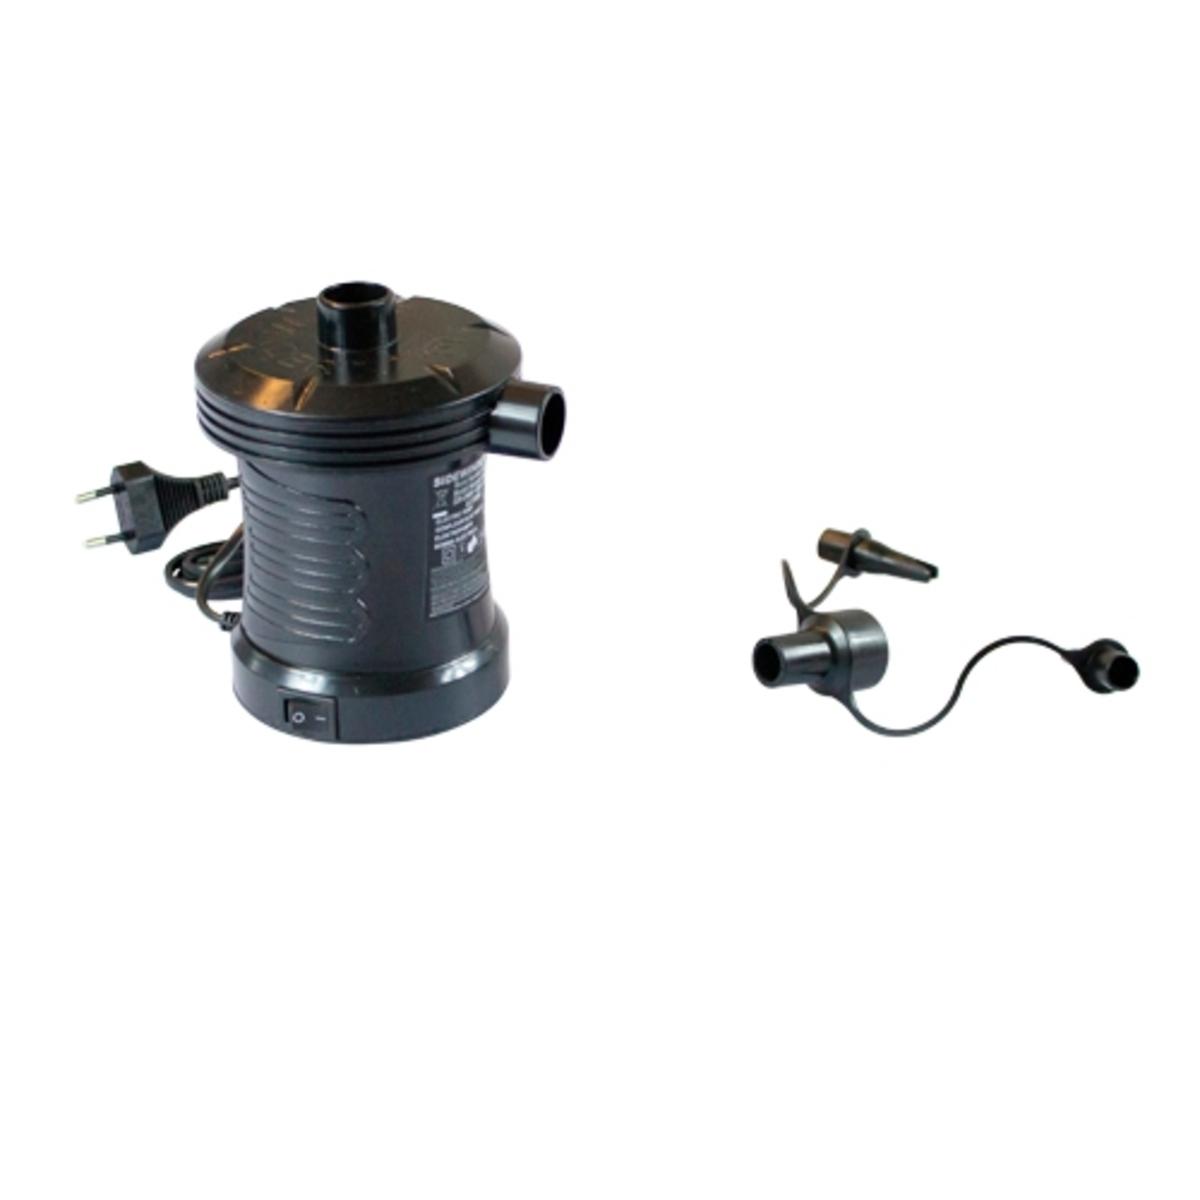 Bild 1 von Elektrische Luftpumpe Sidewinder